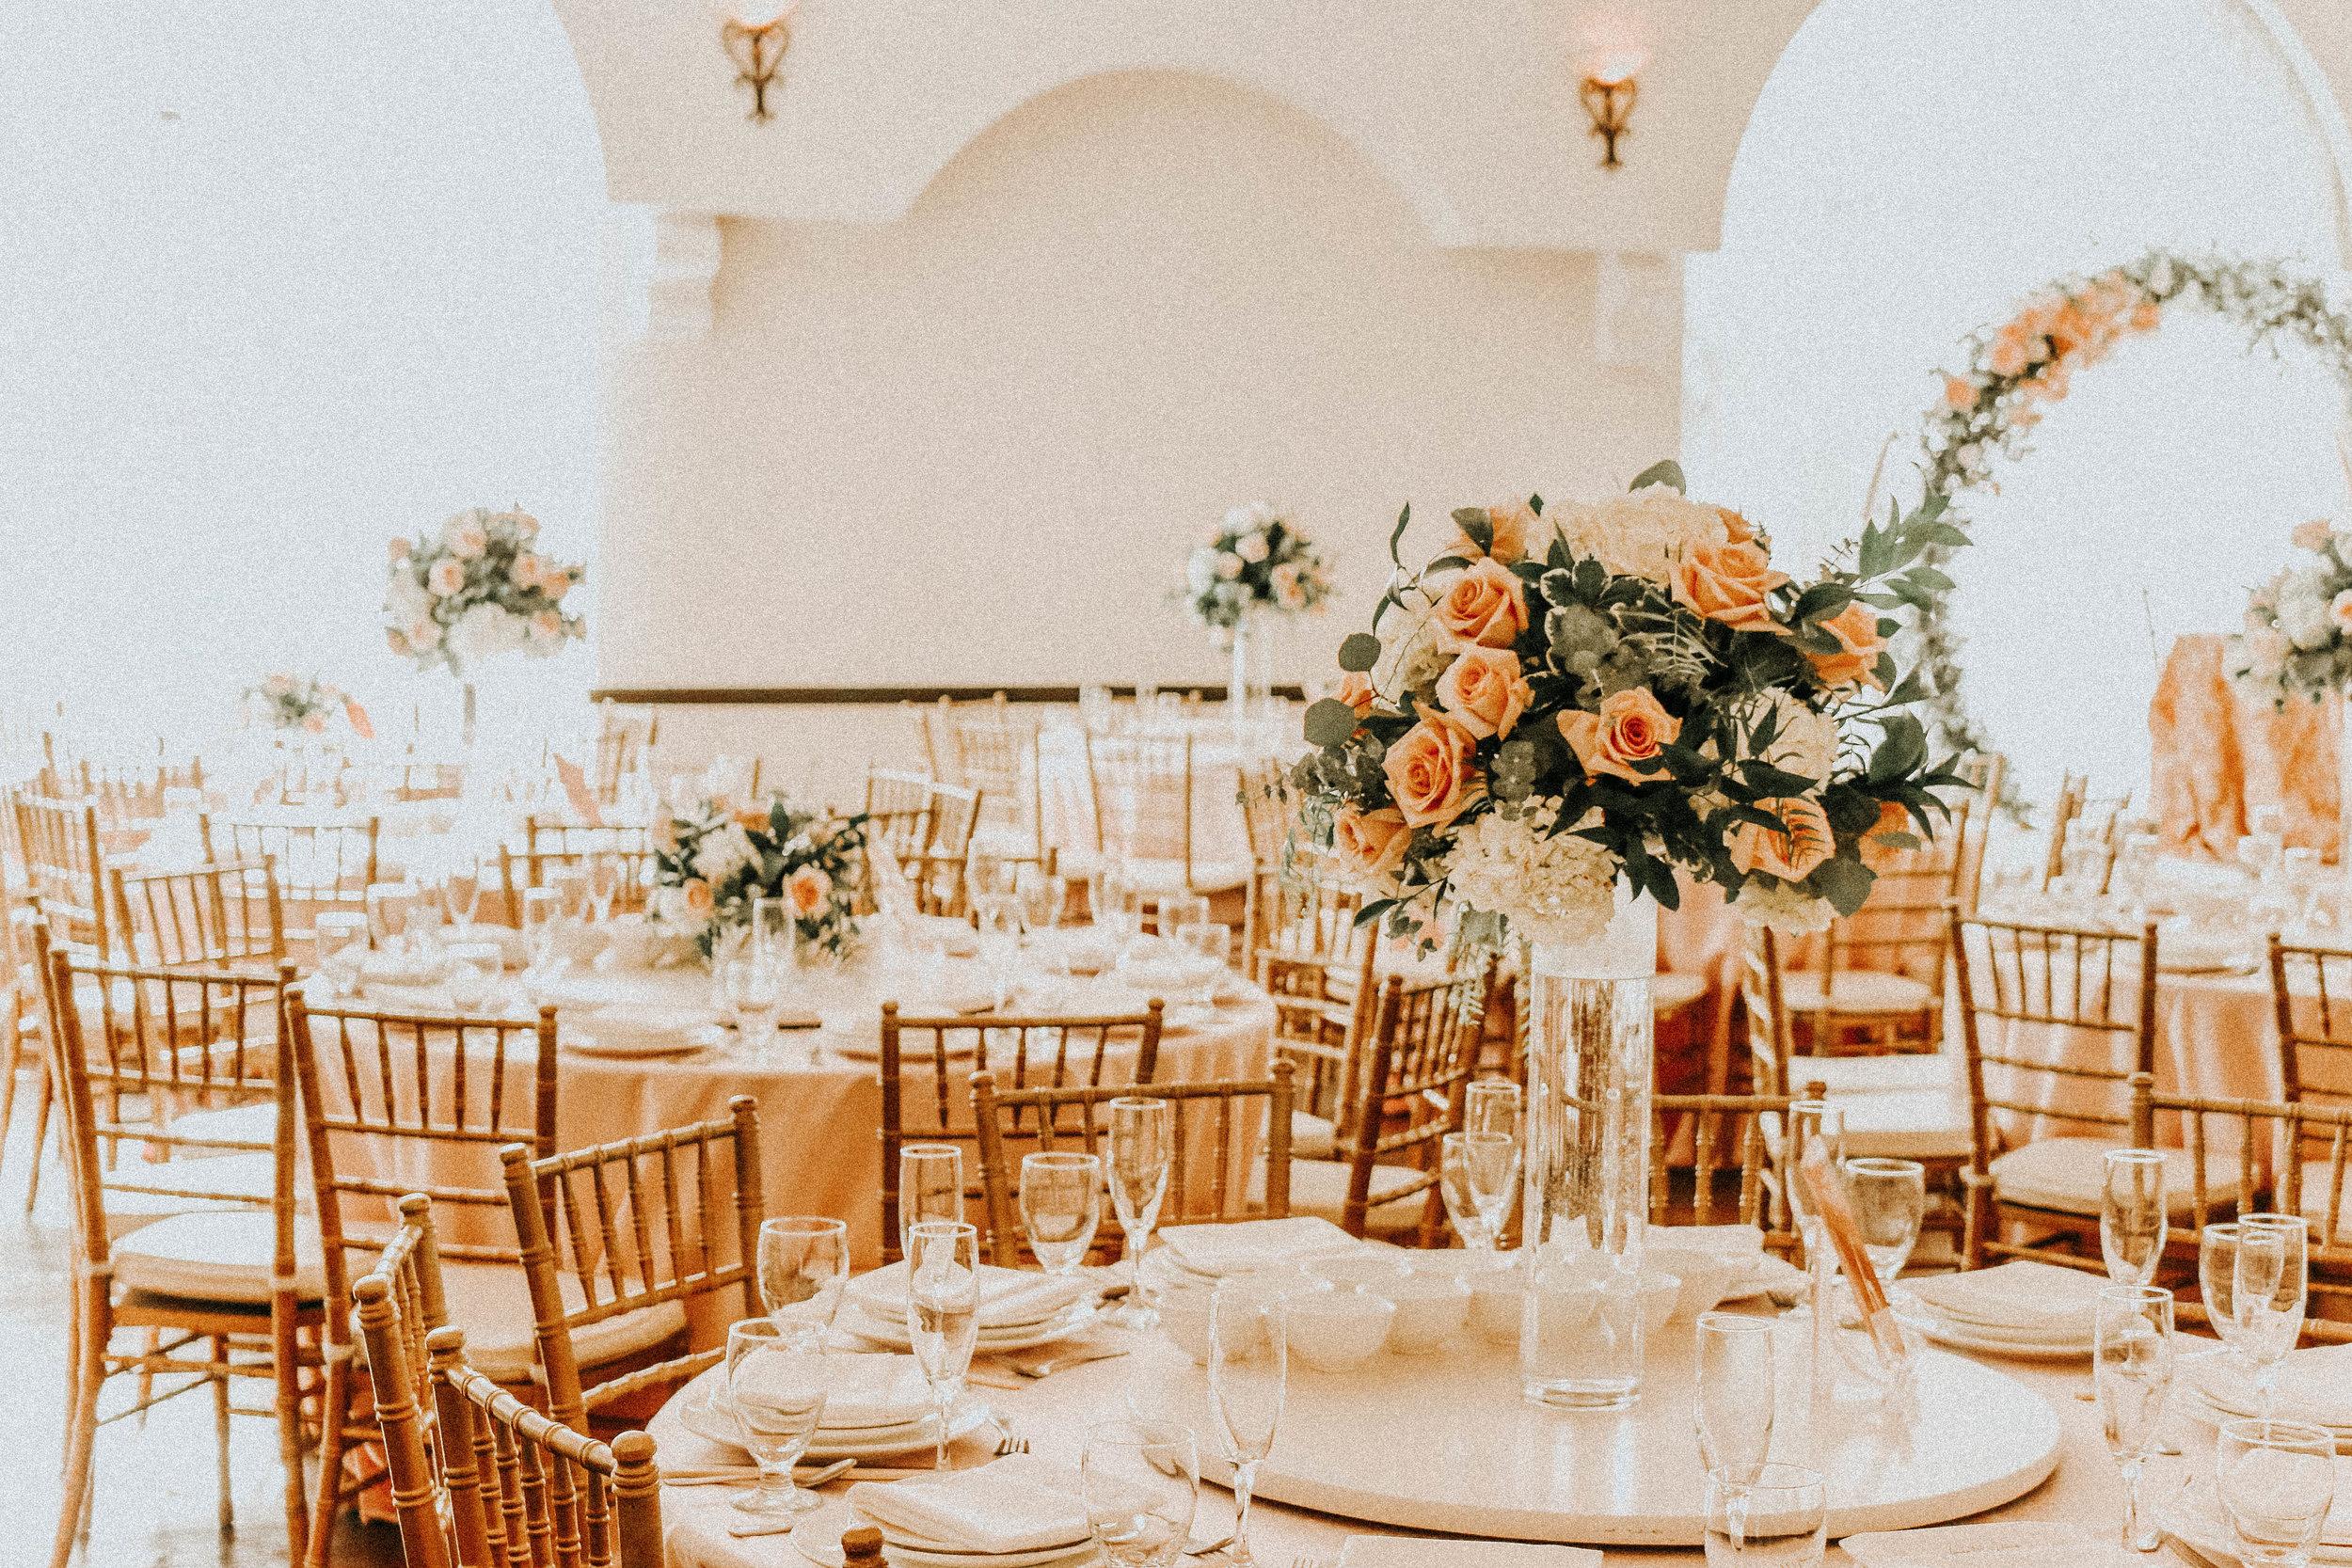 the-villa-wedding-oc-1.jpg